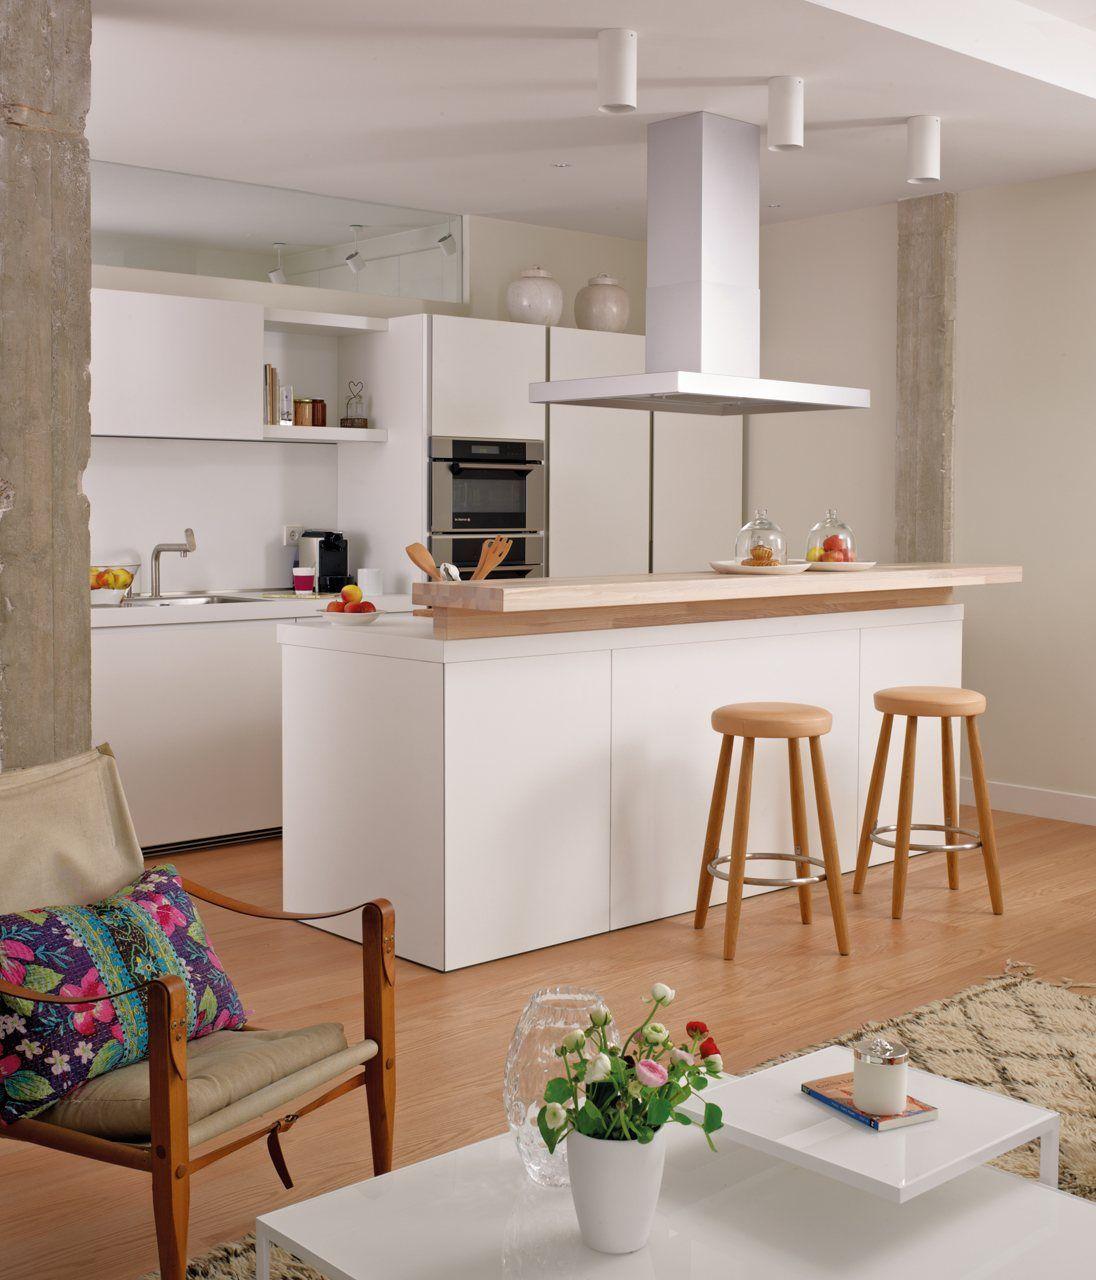 Cocinas Mini Muy Practicas Elmueblecom Cocinas Y Banos - Cocinas-practicas-y-modernas